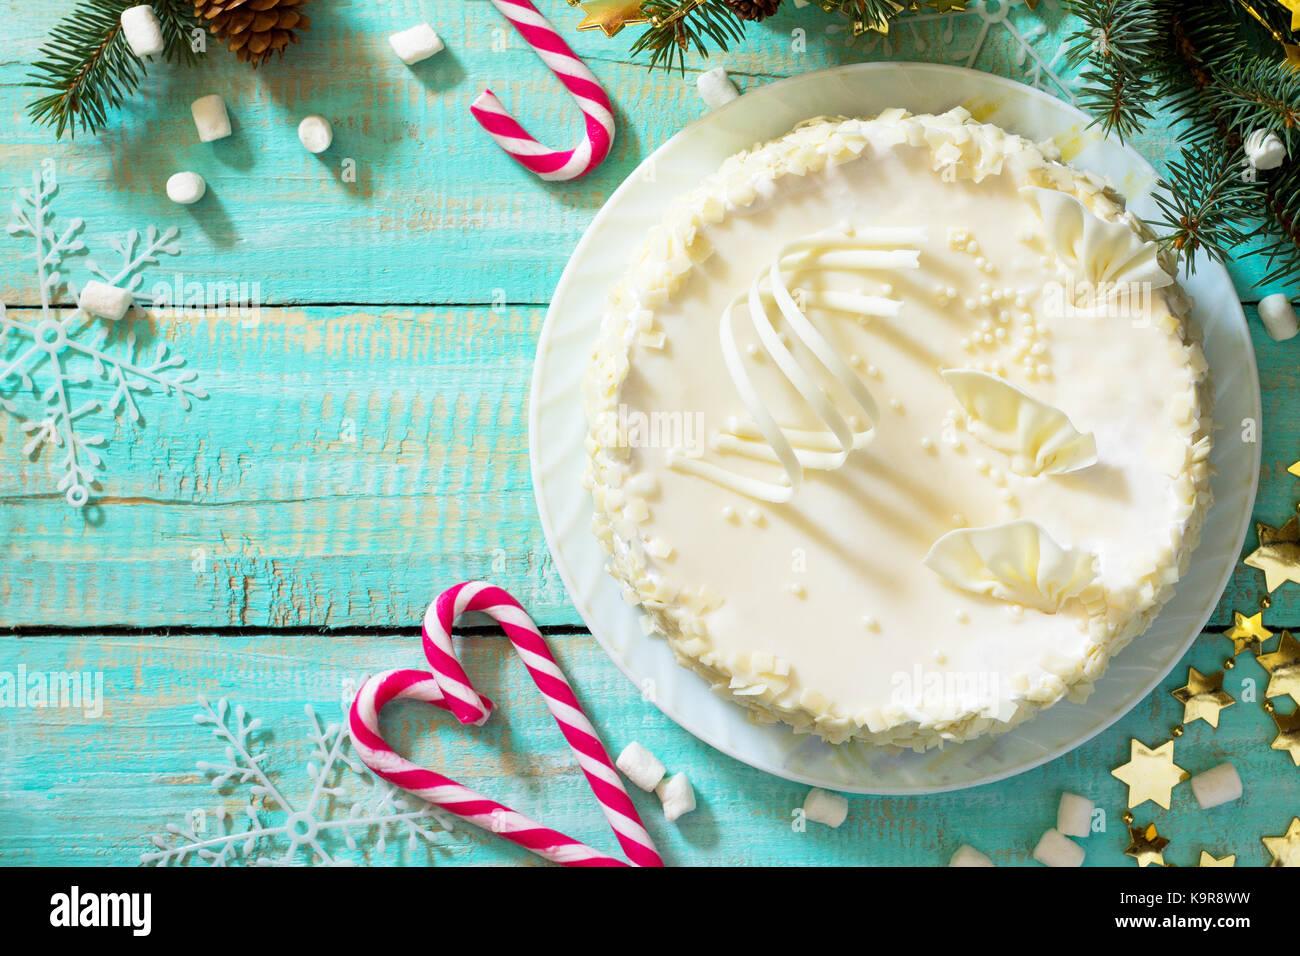 Urlaub Kuchen Mit Puderzucker Weisse Schokolade Auf Festliche